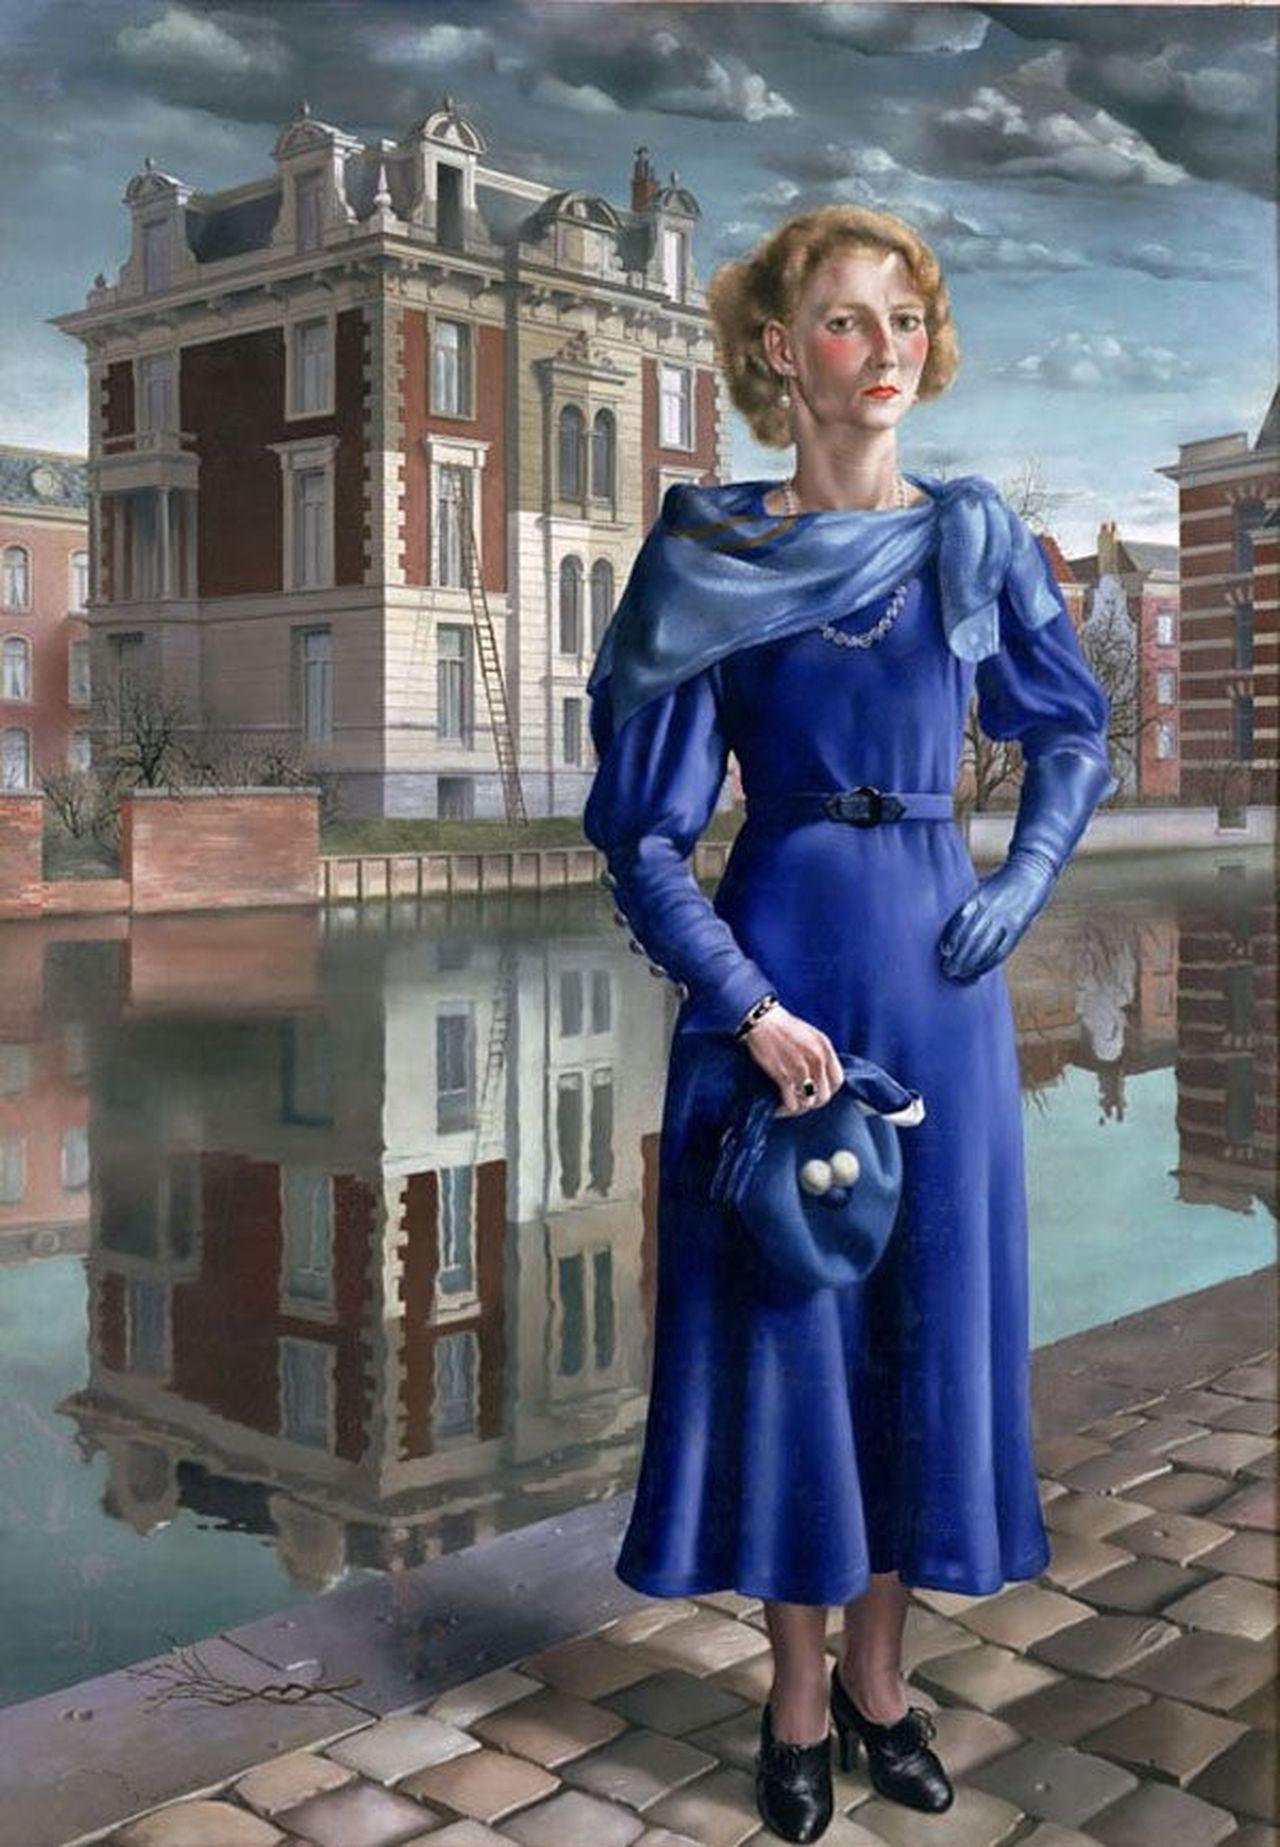 Wilma (1932), Stadhouderskade met uitzicht op huis op Weteringschans 18 (schilderij)